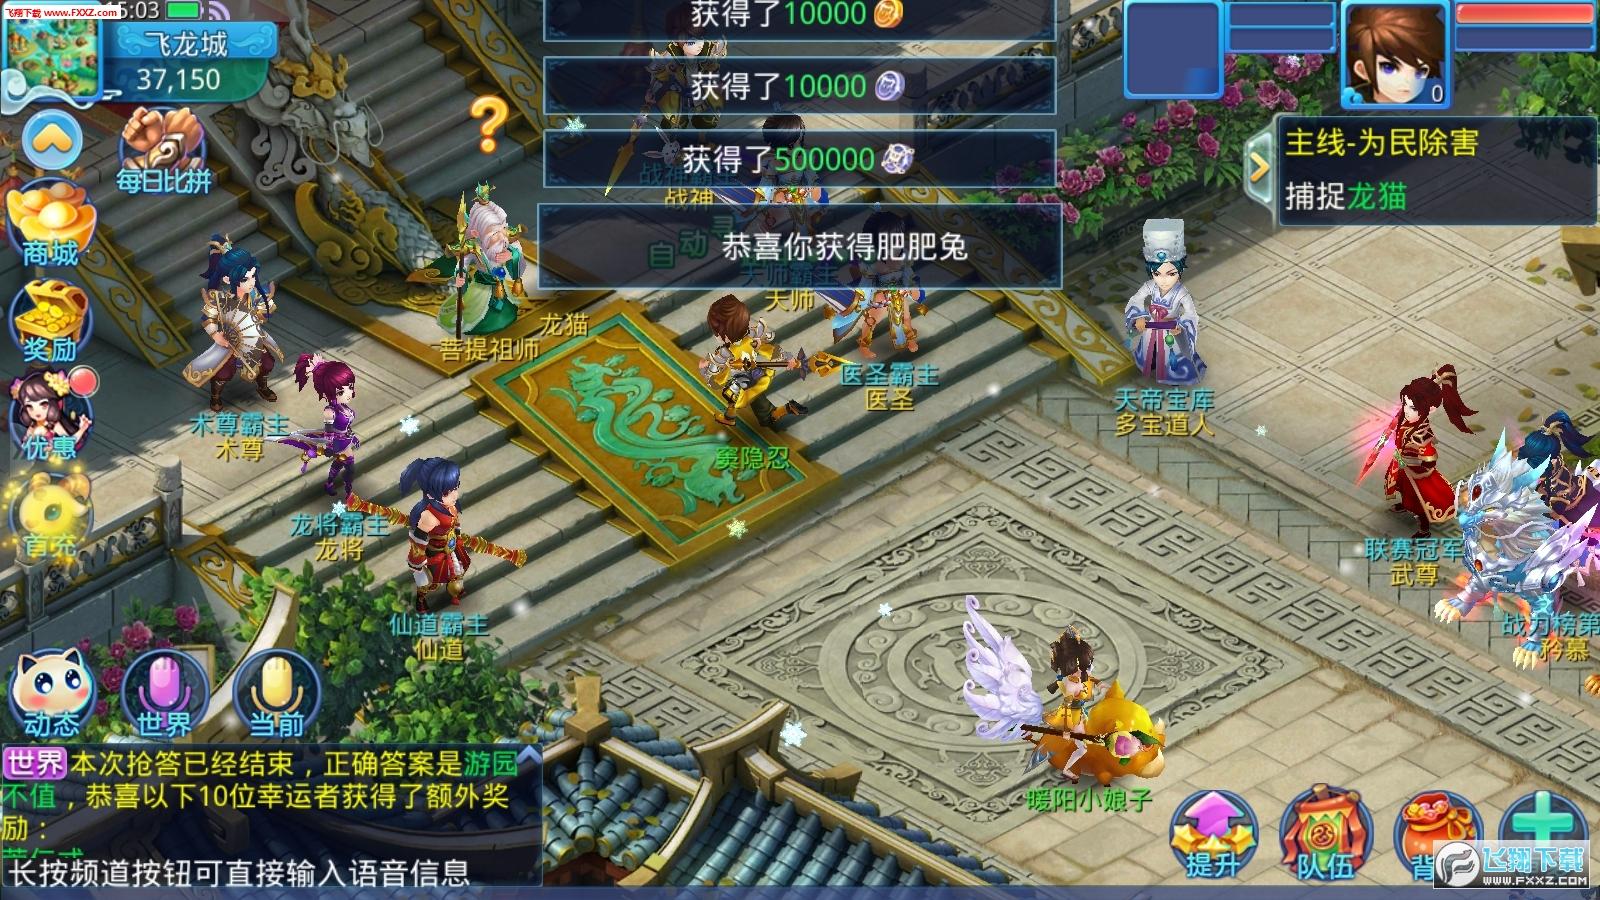 仙语奇缘至尊版游戏v1.0.4.0截图0